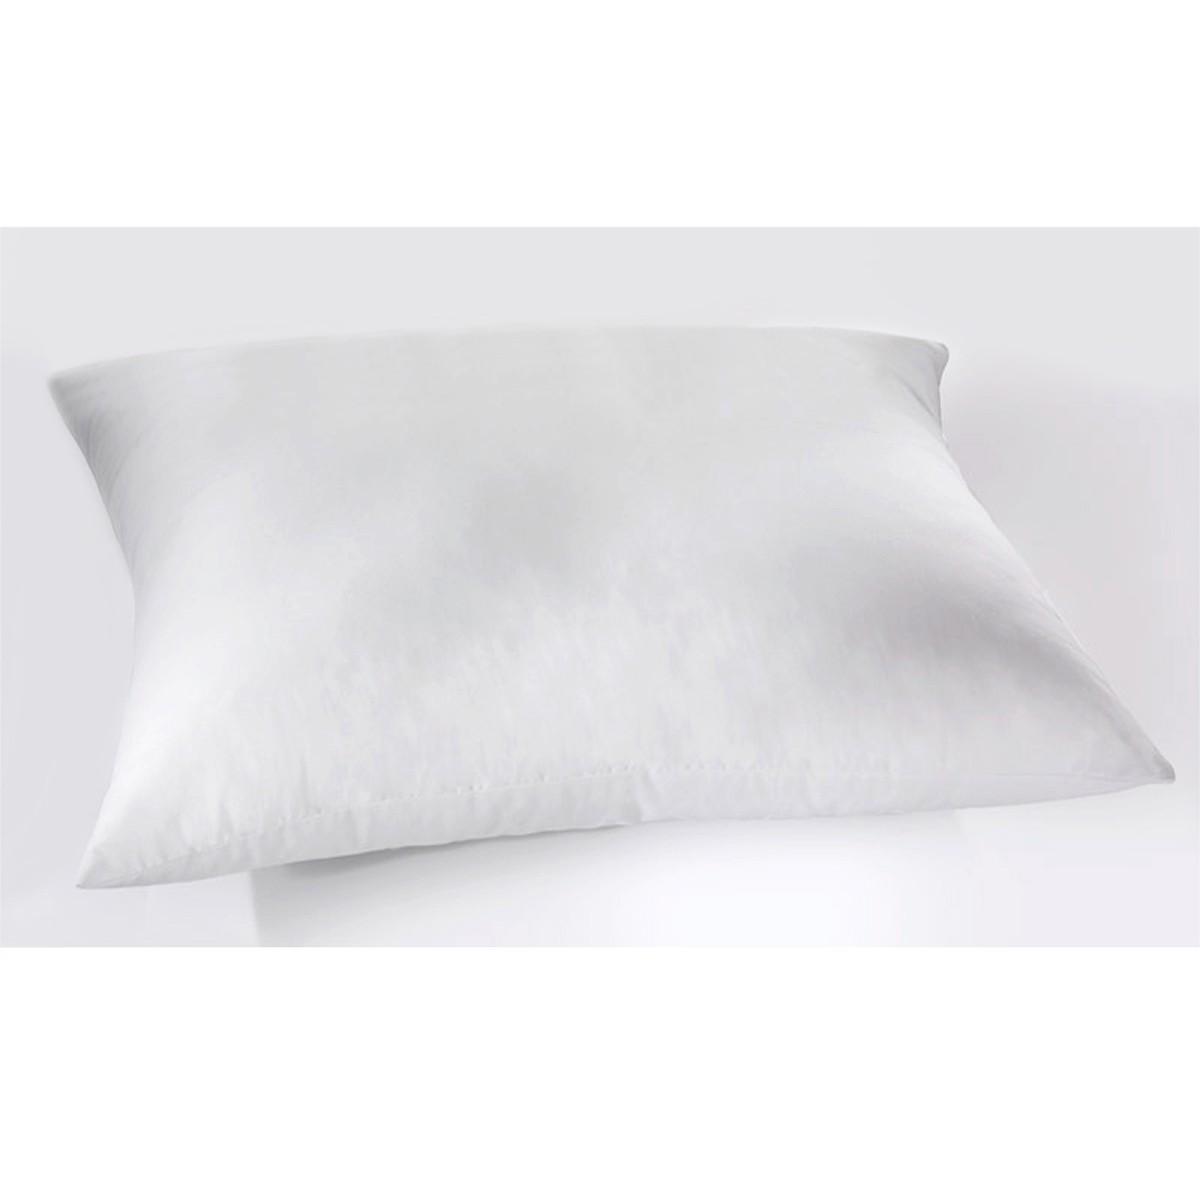 Μαξιλάρι Ύπνου (50×70) Μέτριο 100%Microfiber 700gr/m2 73929